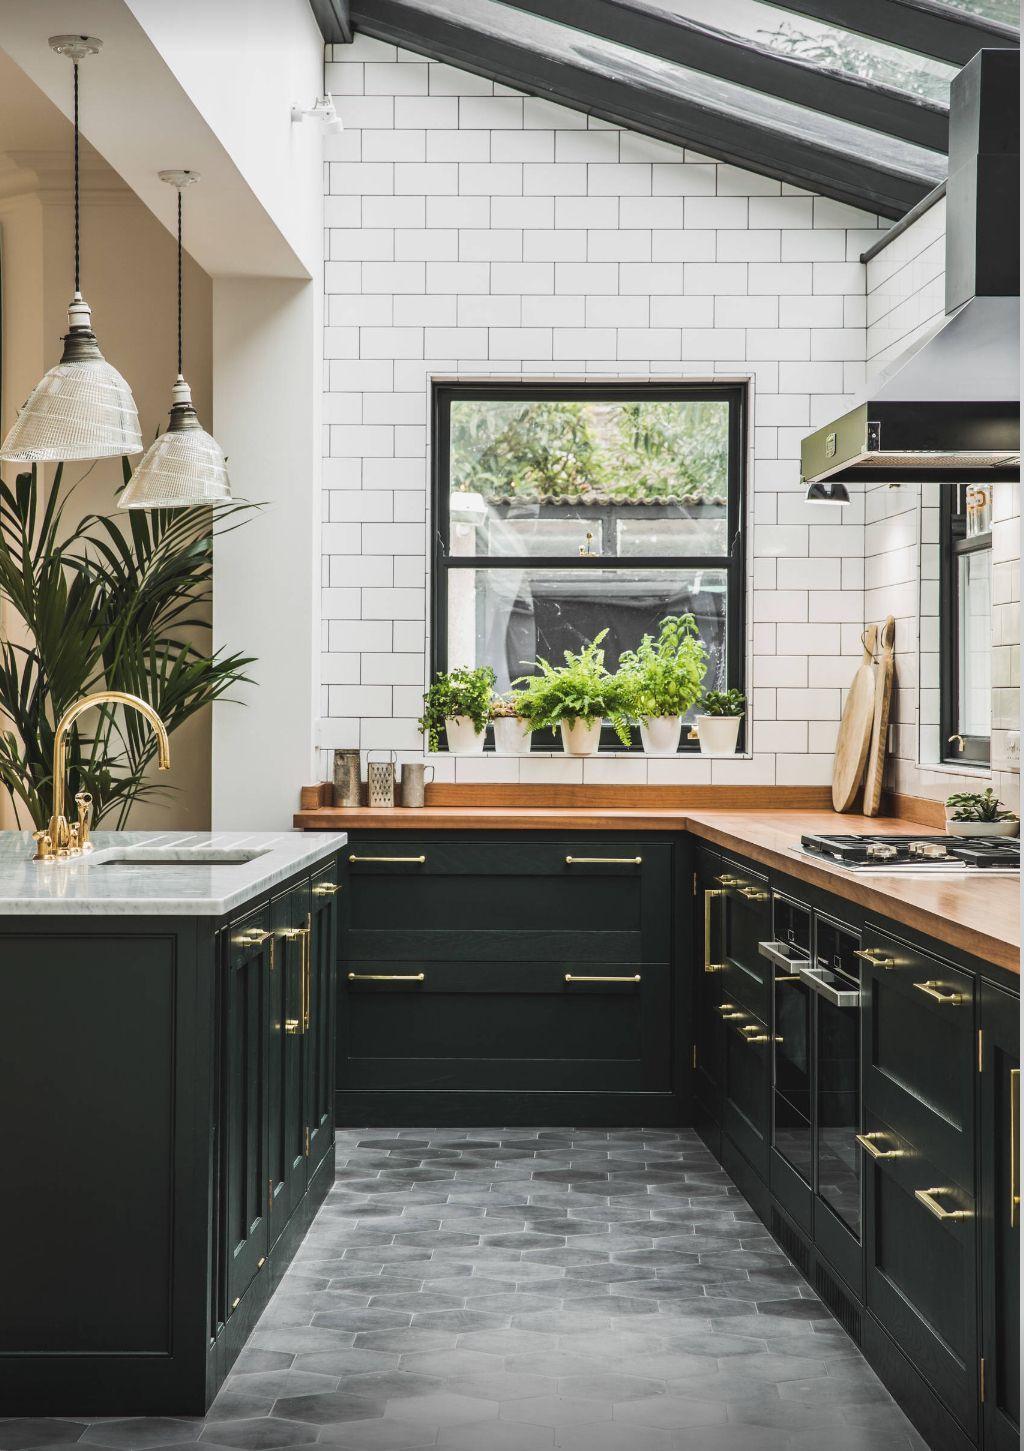 27 Best Stylish Kitchen Flooring Ideas To Give Your Scheme